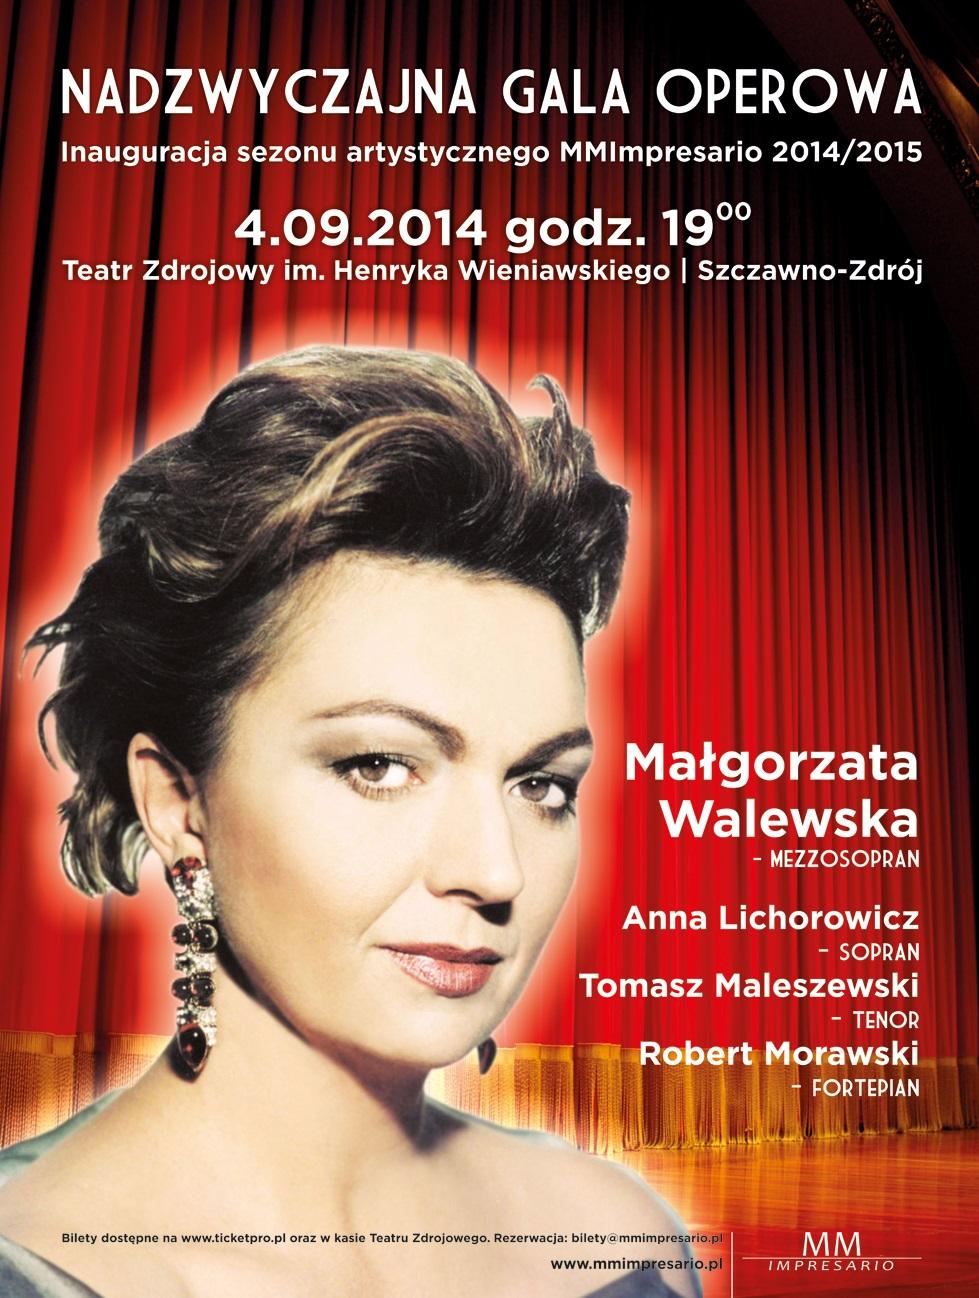 Nadzwyczajna Gala Operowa, Małgorzata Walewska, plakat (źródło: materiały prasowe organizatora)